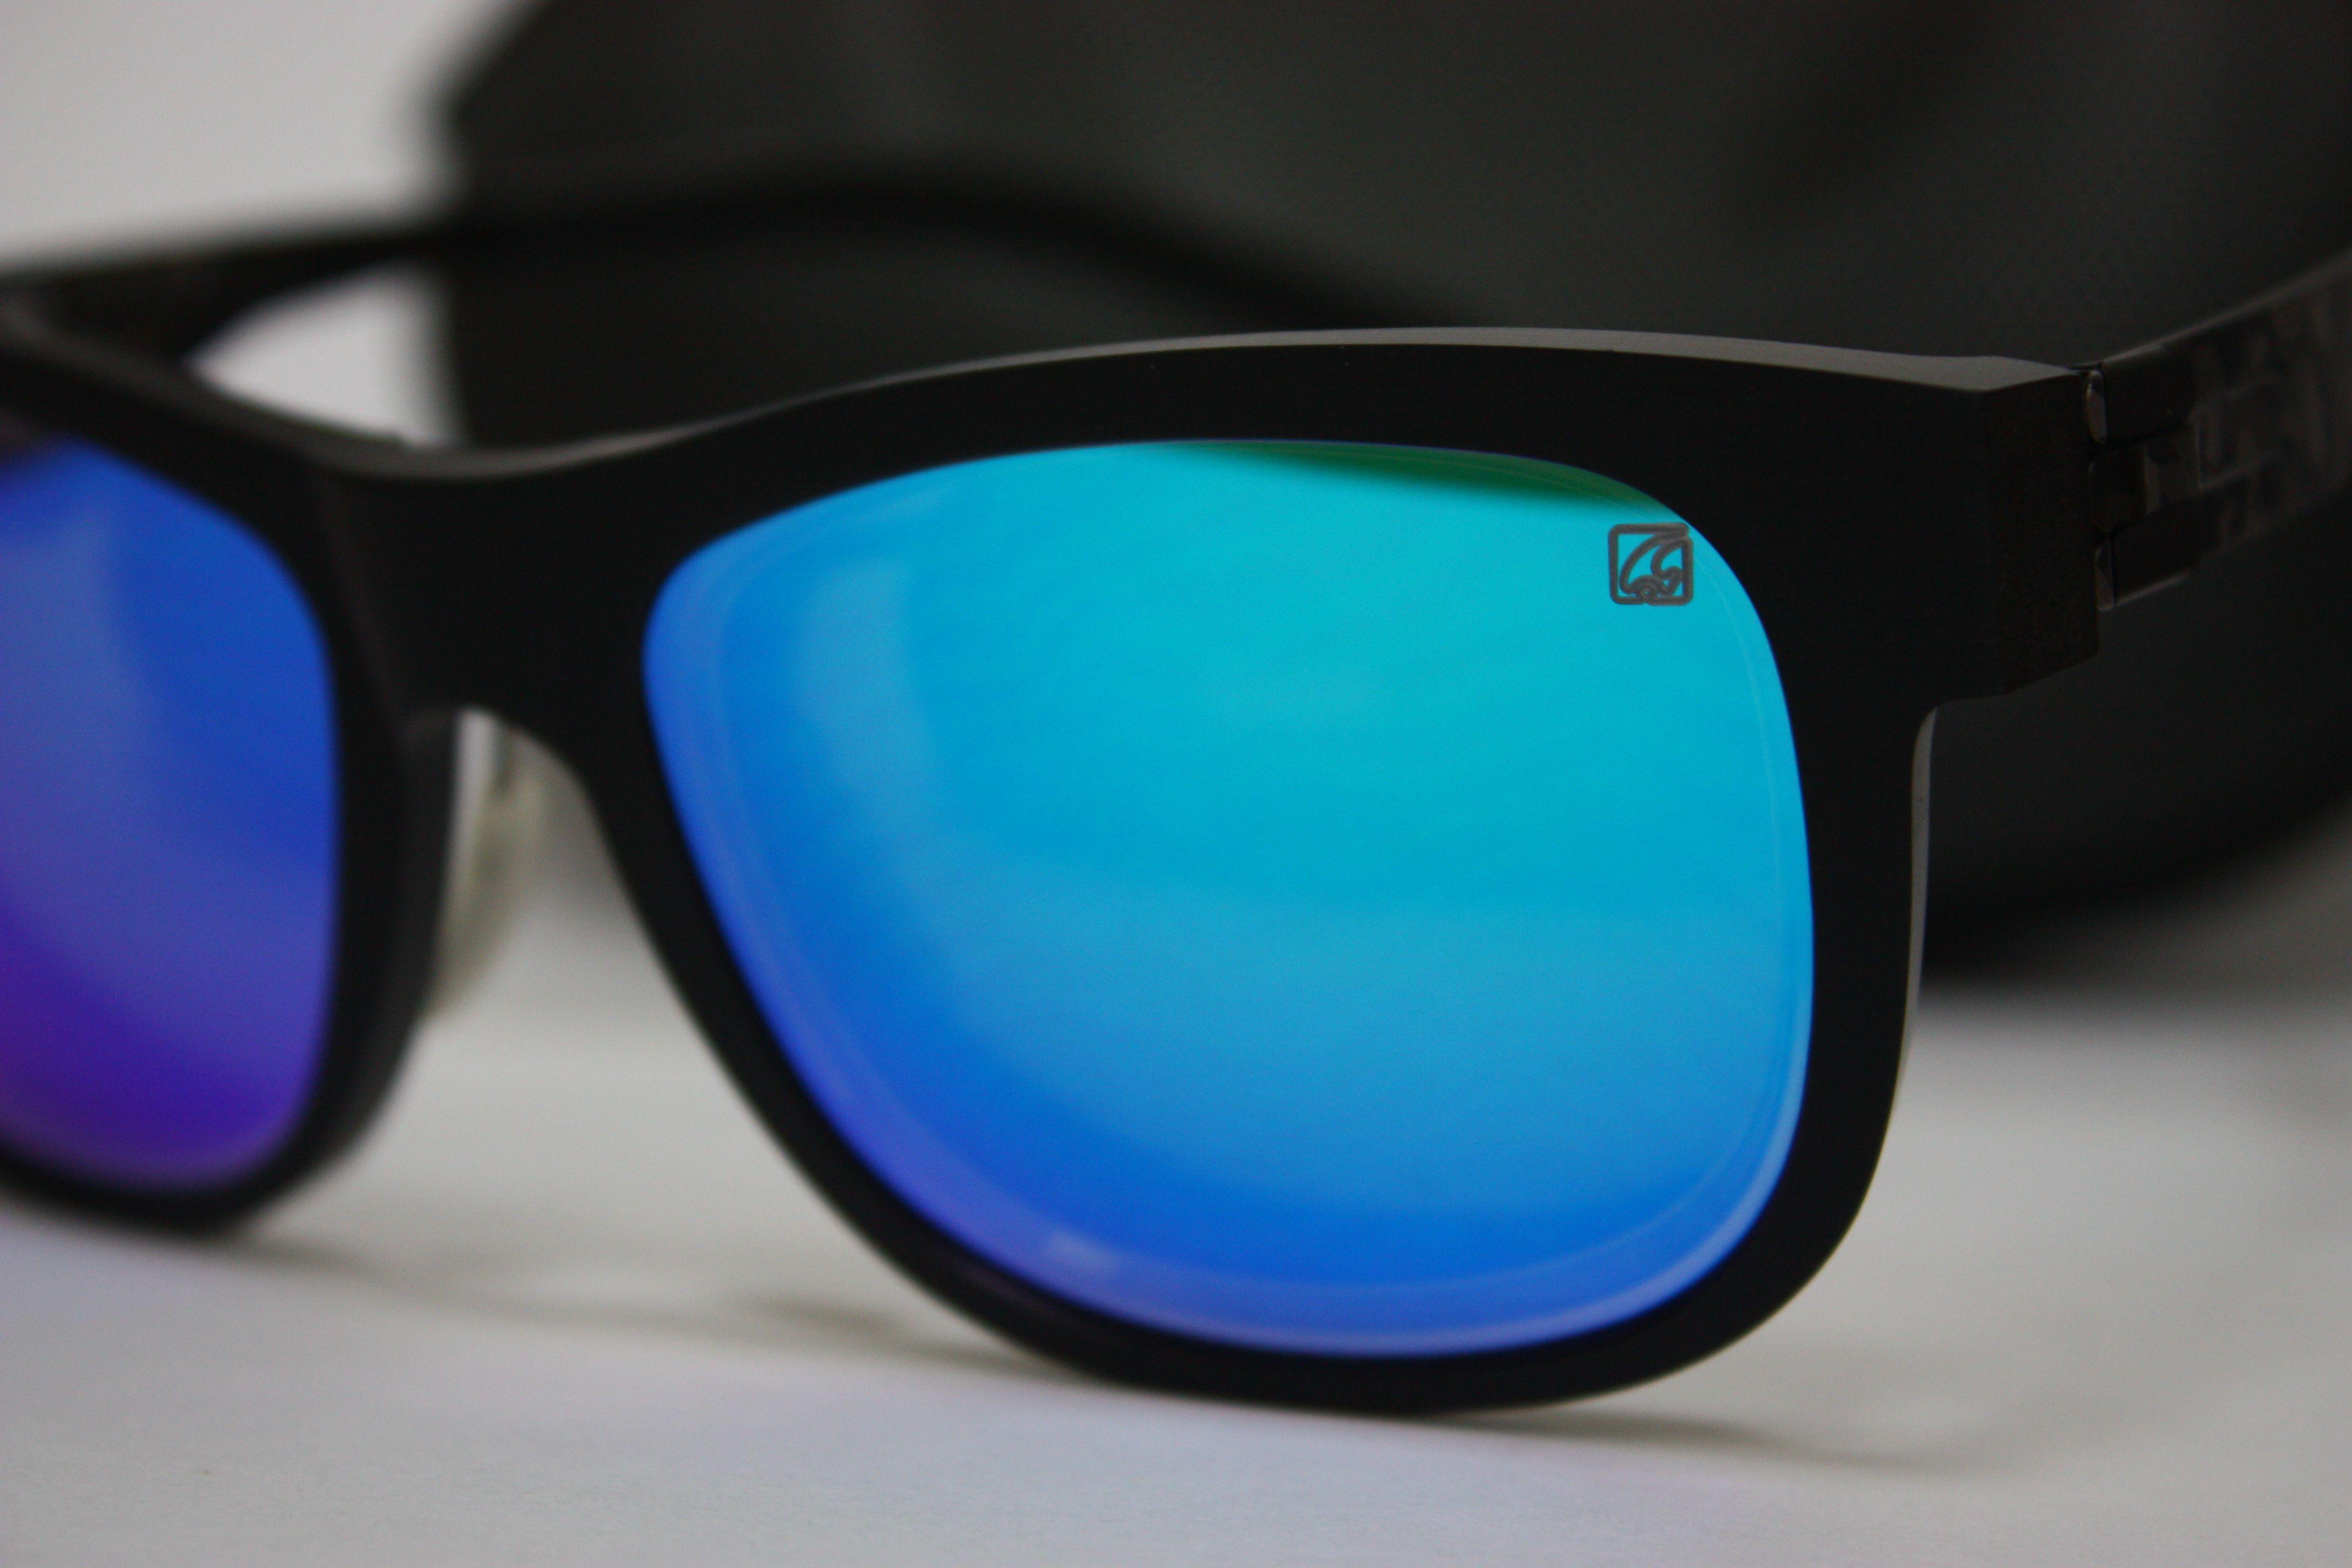 f11ca8e84cf0c icberlin FAHRLEHRER KLAUS sunglasses with adhoc RX optic lenses ...